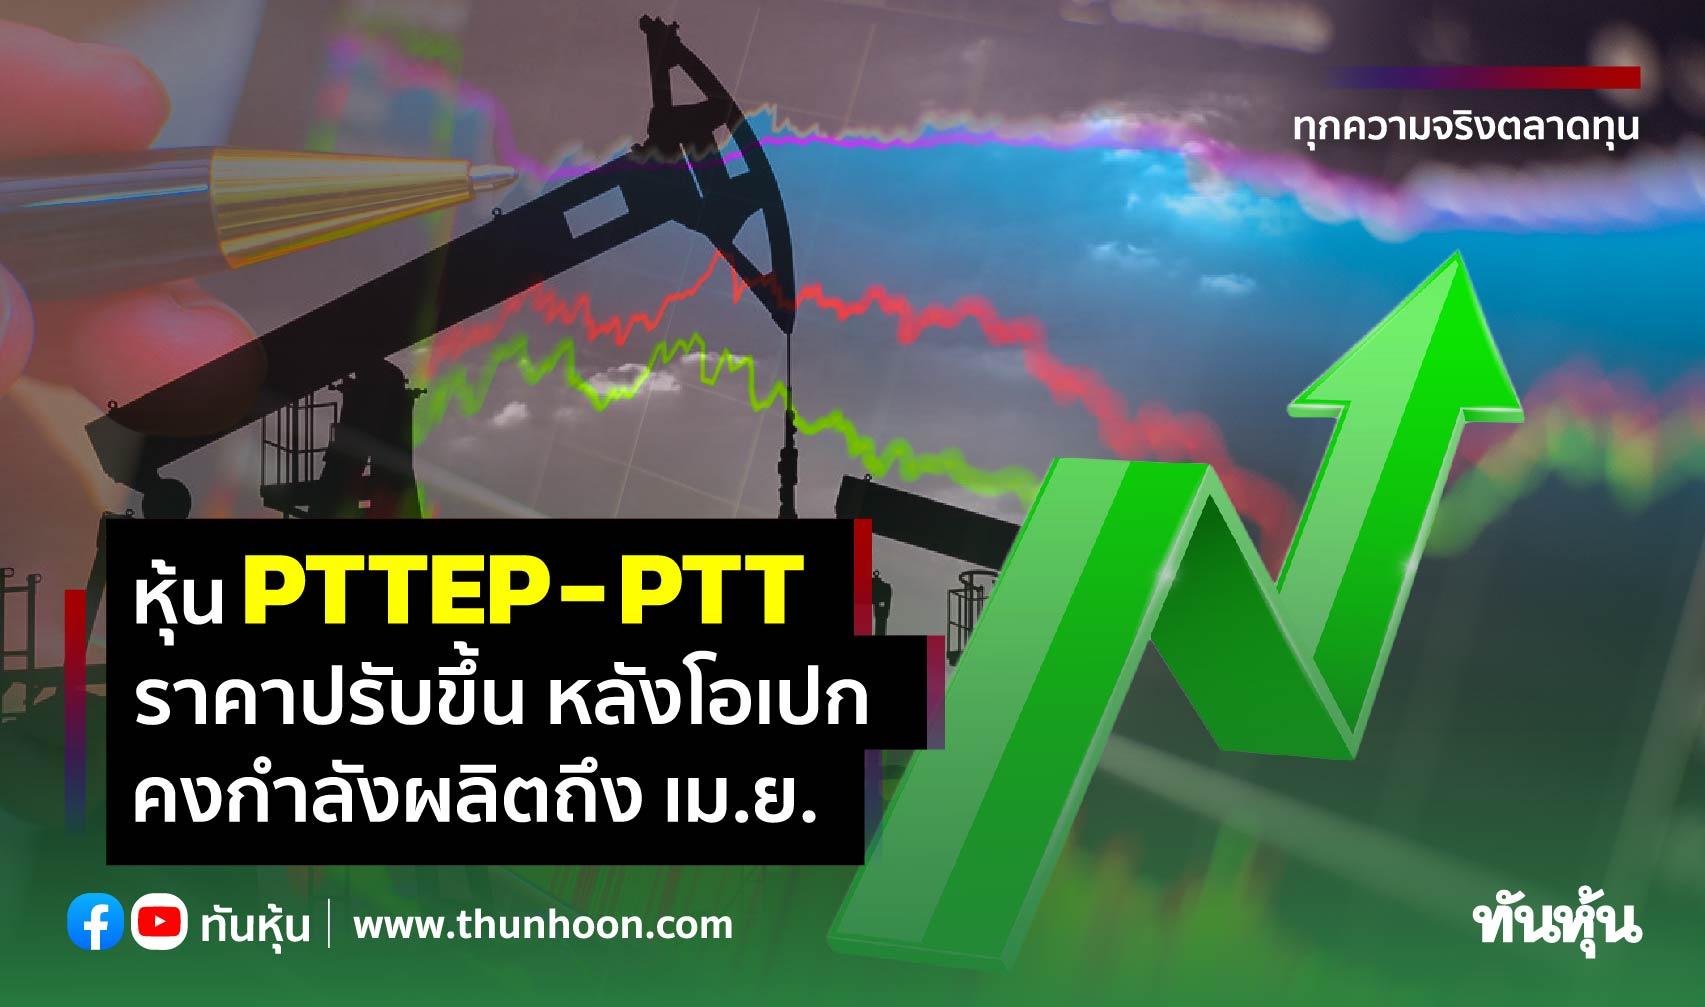 หุ้น PTTEP-PTT ราคาปรับขึ้น หลังโอเปกคงกำลังผลิตถึง เม.ย.